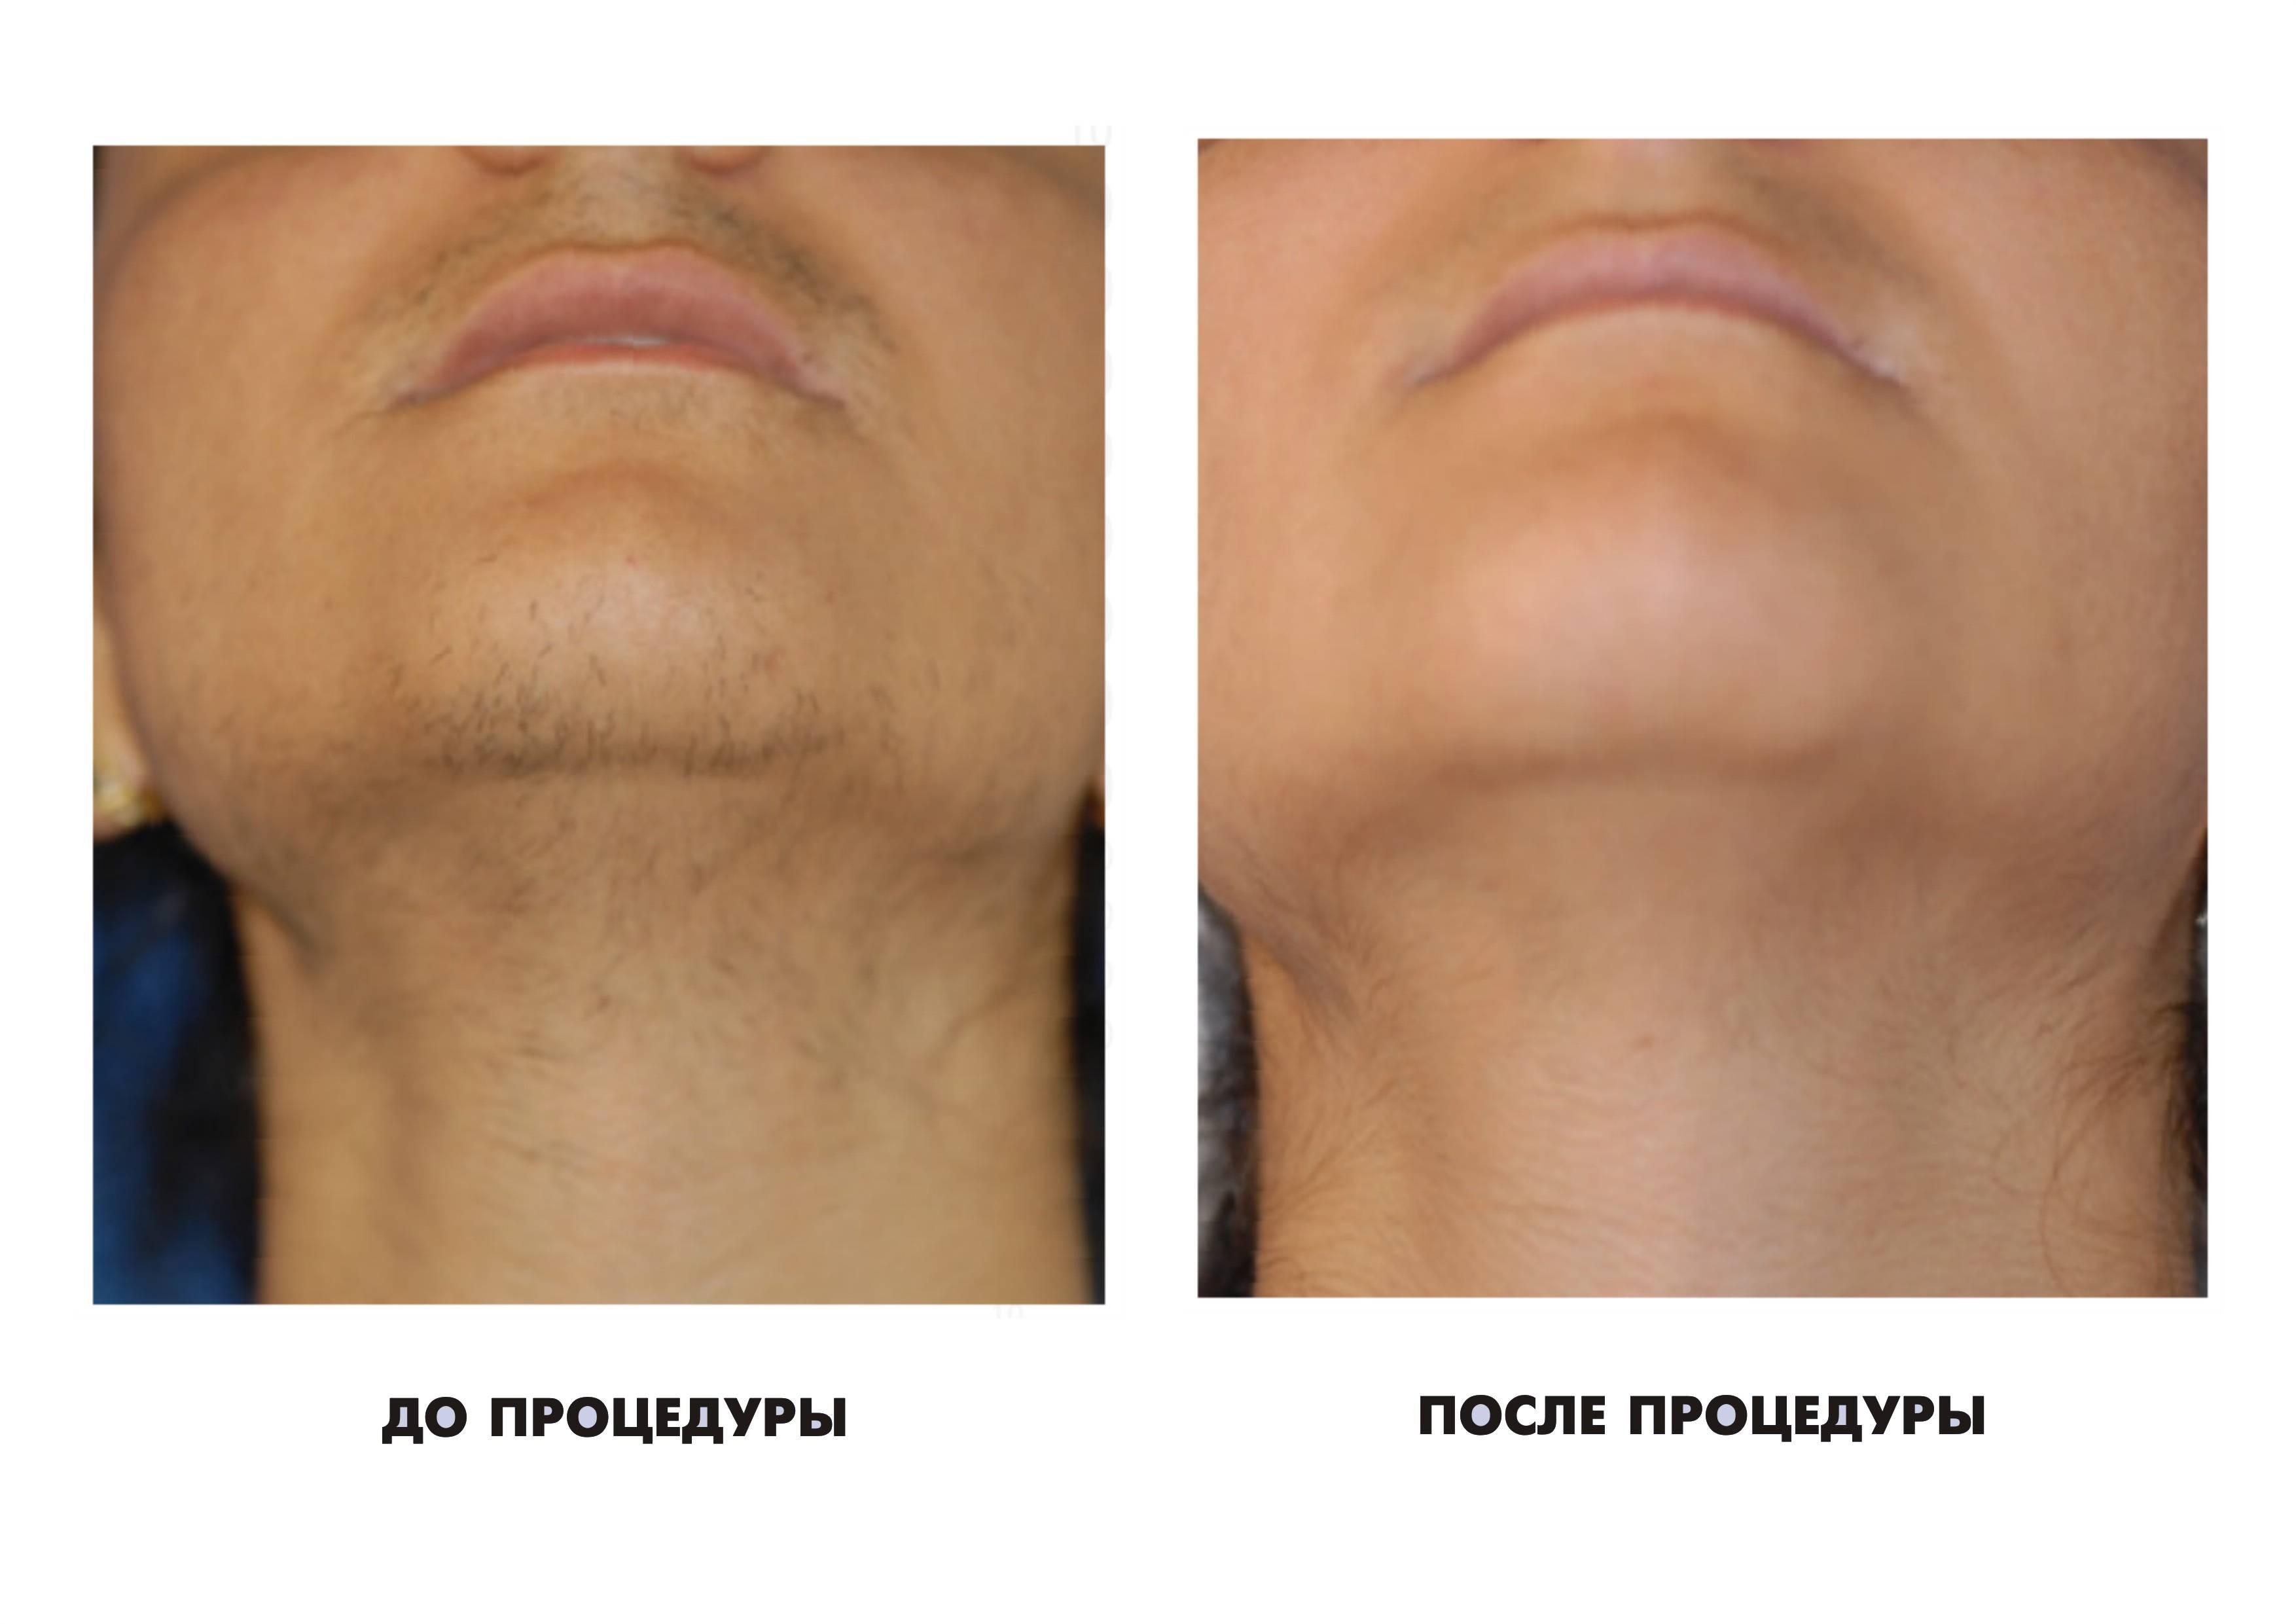 Электроэпиляция на лице.